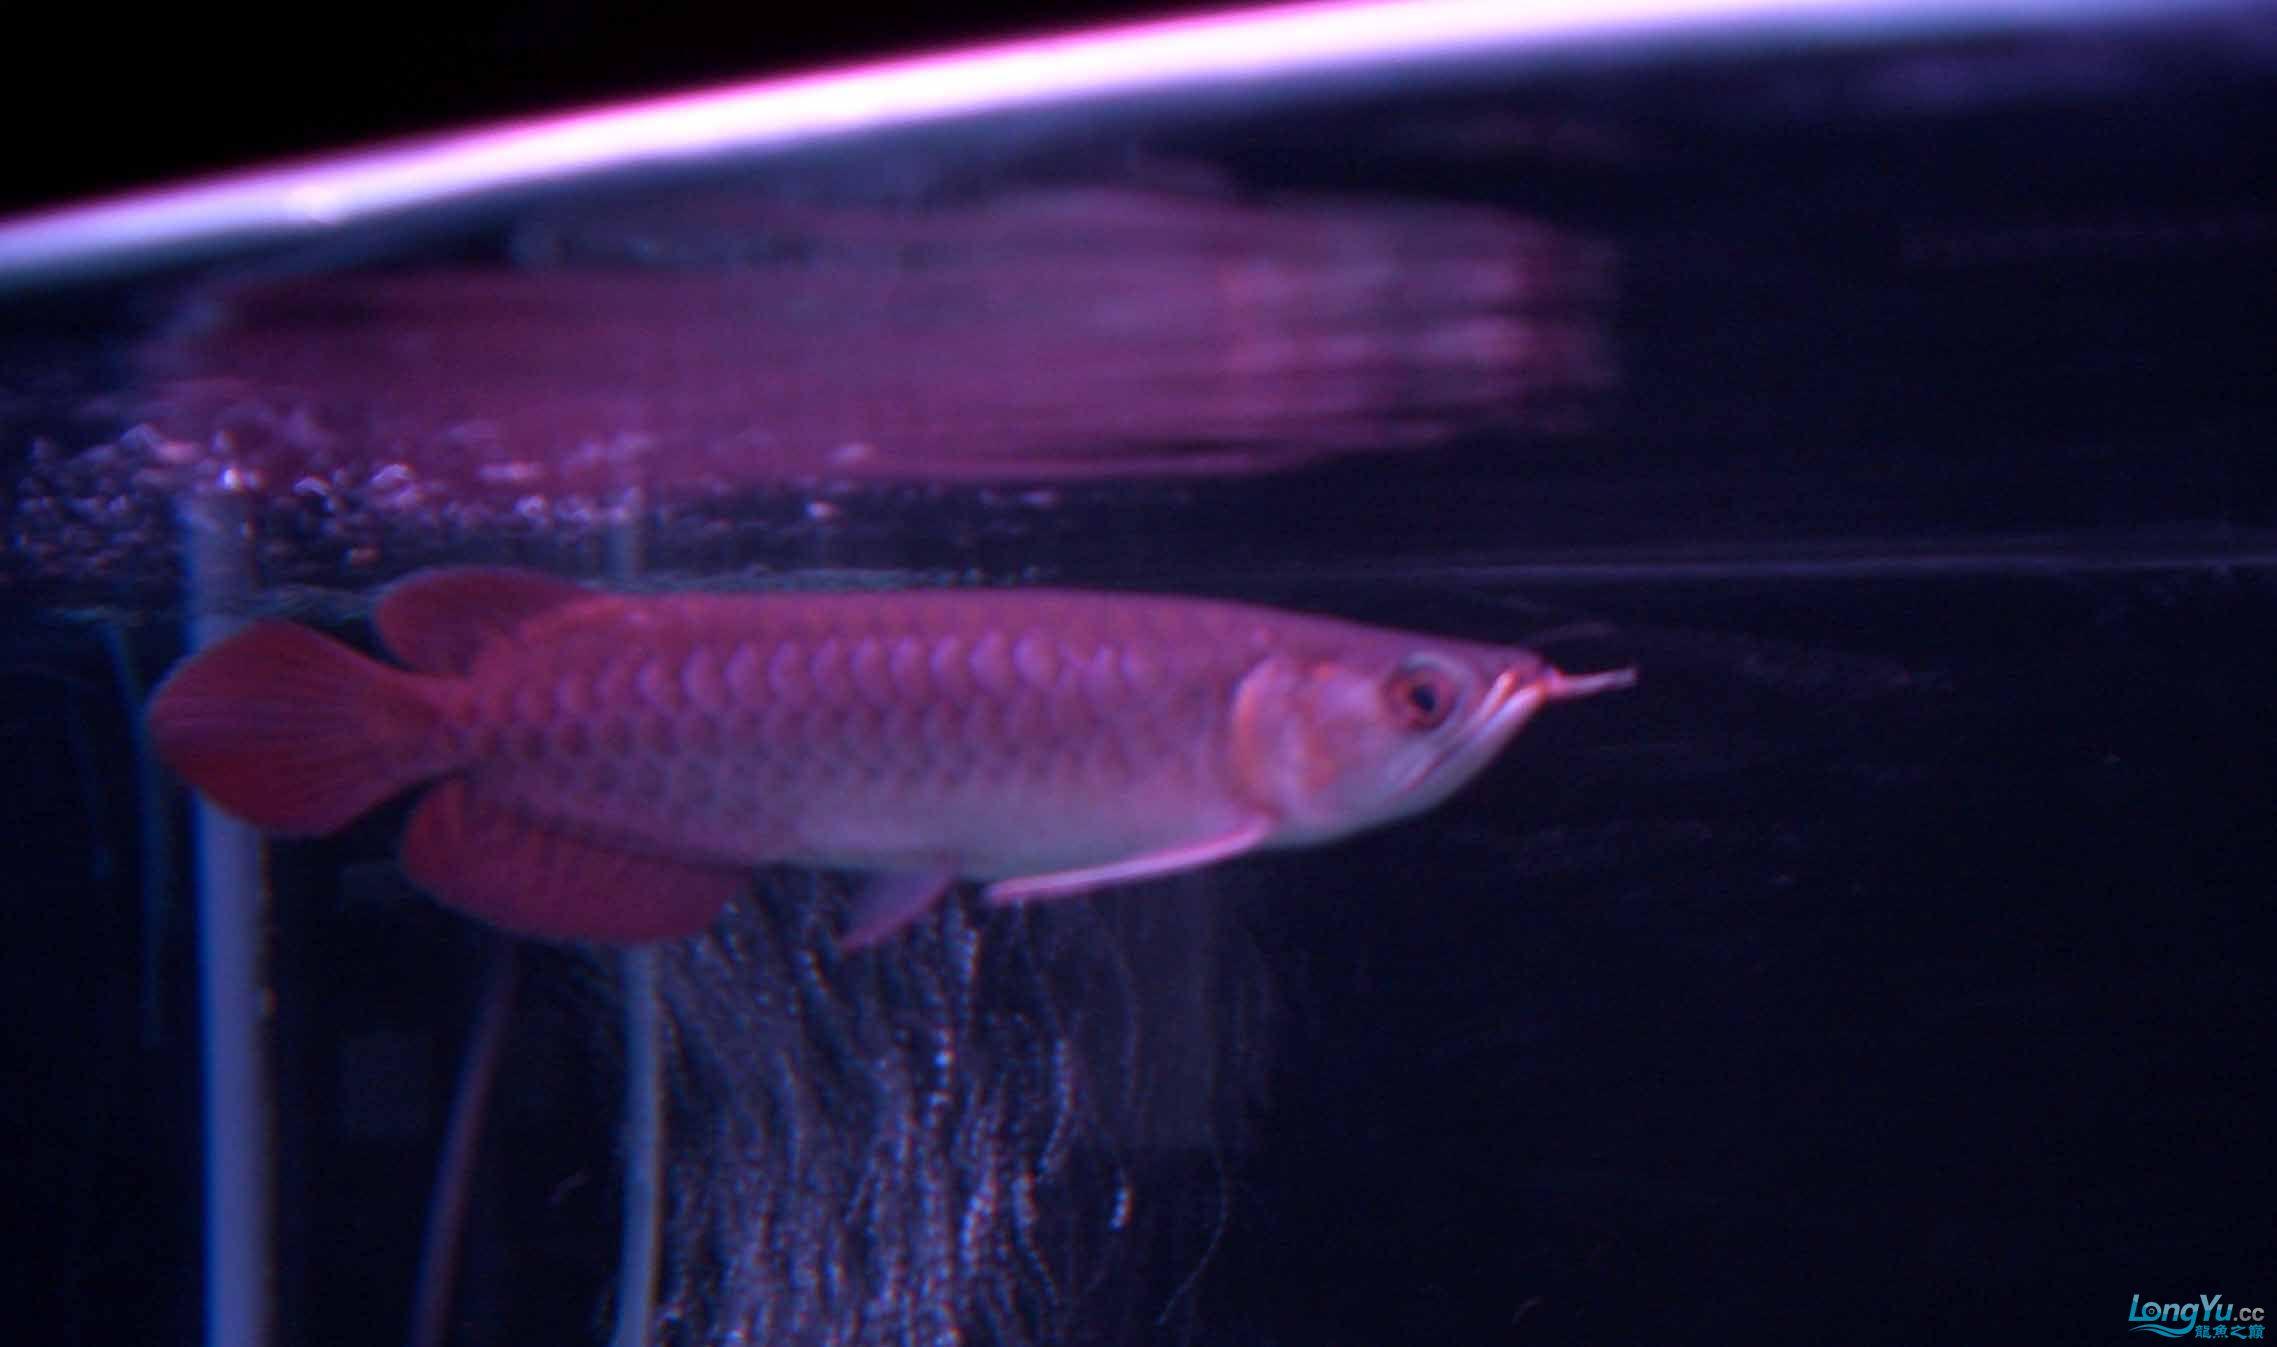 给15公分长须小超血建个档(5月7日更新——女皇大帆】23cm) 西安观赏鱼信息 西安博特第8张